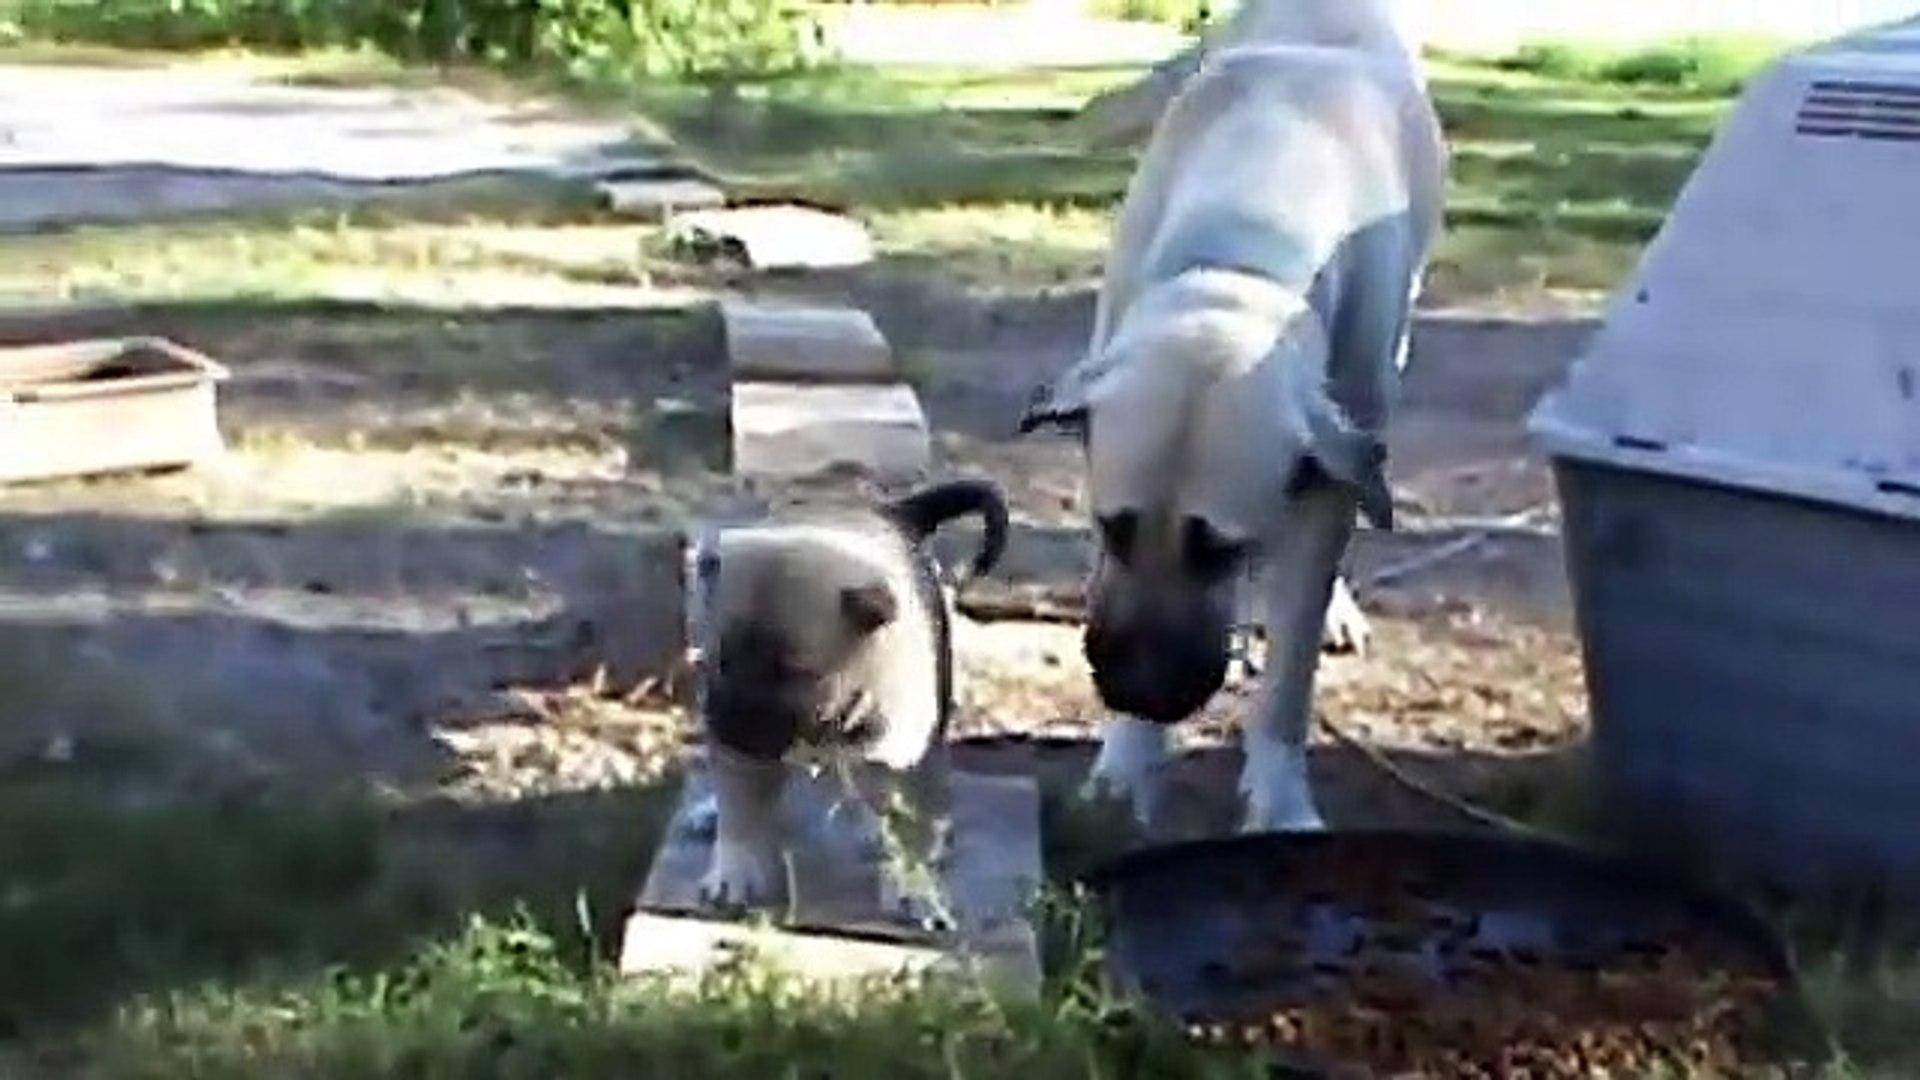 COBAN KOPEGi YAVRULARI ve ANNESi - SHEPHERD DOG PUPPiES and MOM